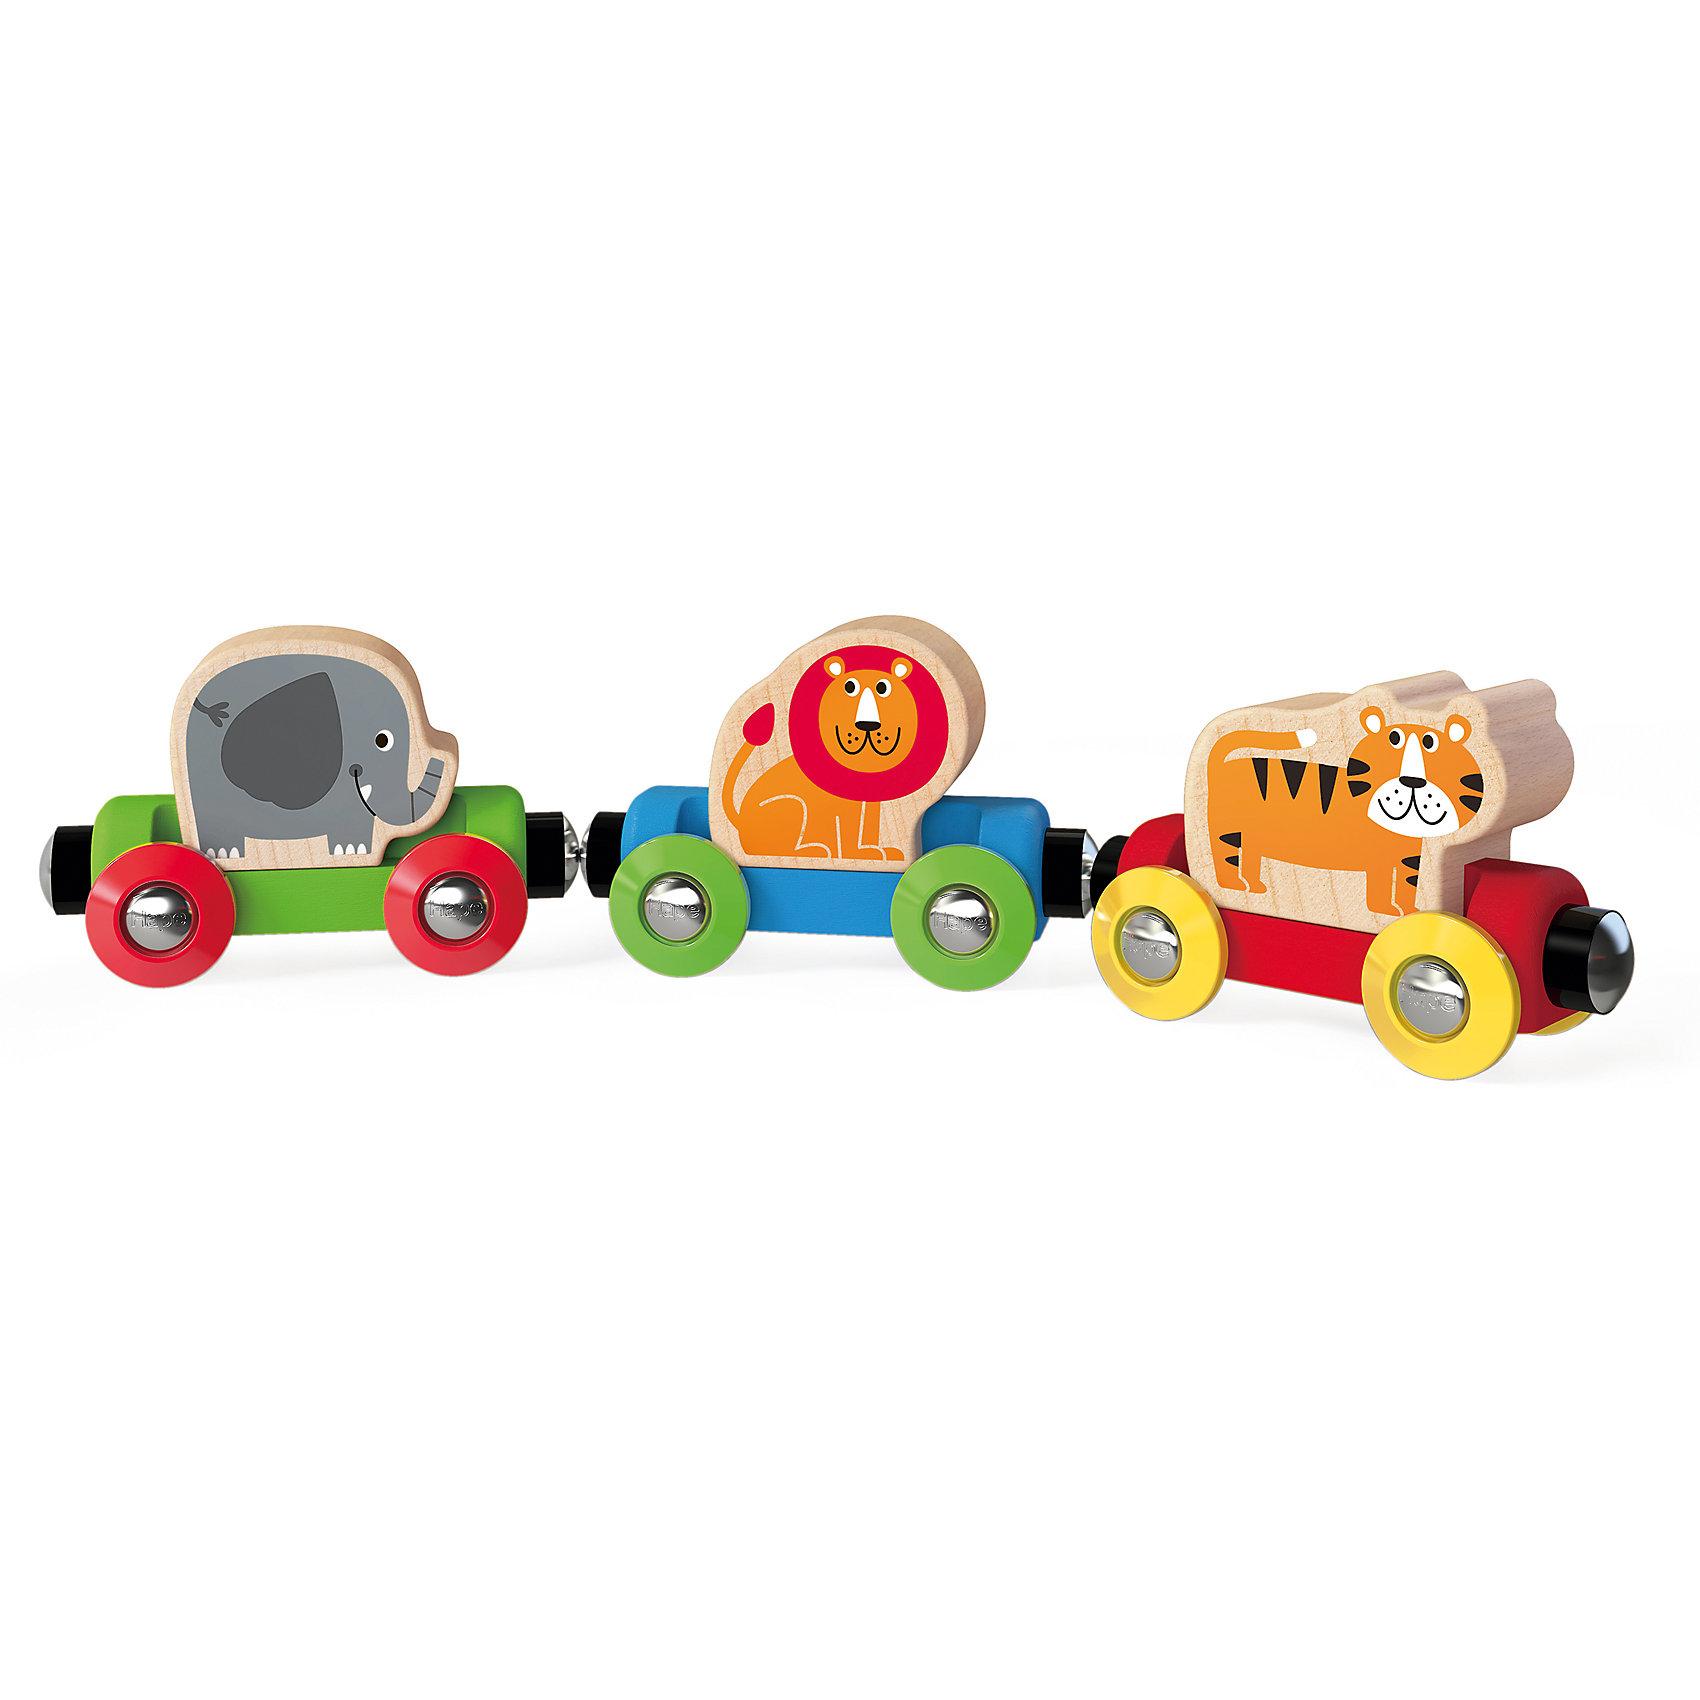 Развивающий набор Веселые животные, HapeРазвивающие игрушки<br>Развивающий набор Веселые животные, Hape (Хейп).<br><br>Характеристики:<br><br>- Материал: древесина<br>- Размер игрушки: 23х3,3х5 см.<br><br>Развивающий набор Веселые животные является отличным подарком, как для девочек, так и для мальчиков. Он изготовлен из экологически чистых пород дерева и имеет прекрасную полировку. Набор состоит из трех вагончиков, которые крепятся друг к другу магнитными элементами, расположенными в передней и задней частях, что позволяет легко и быстро отсоединять их, и комбинировать в ходе игры. Поезд спешит доставить в джунгли своих пассажиров: льва, тигра и слона. Каждая из этих фигурок съемная и малыш может играть с ними отдельно. Вагончиками также можно дополнить развивающий набор Железная дорога (E3800). Игрушка имеет идеальный размер для маленьких ручек, чтобы ребенку было максимально комфортно играть с ней. Играя с набором Веселые животные, ваш малыш будет развивать мелкую моторику, воображение и цветовосприятие.<br><br>Развивающий набор Веселые животные, Hape (Хейп) можно купить в нашем интернет-магазине.<br><br>Ширина мм: 33<br>Глубина мм: 230<br>Высота мм: 50<br>Вес г: 140<br>Возраст от месяцев: 18<br>Возраст до месяцев: 48<br>Пол: Унисекс<br>Возраст: Детский<br>SKU: 5283593